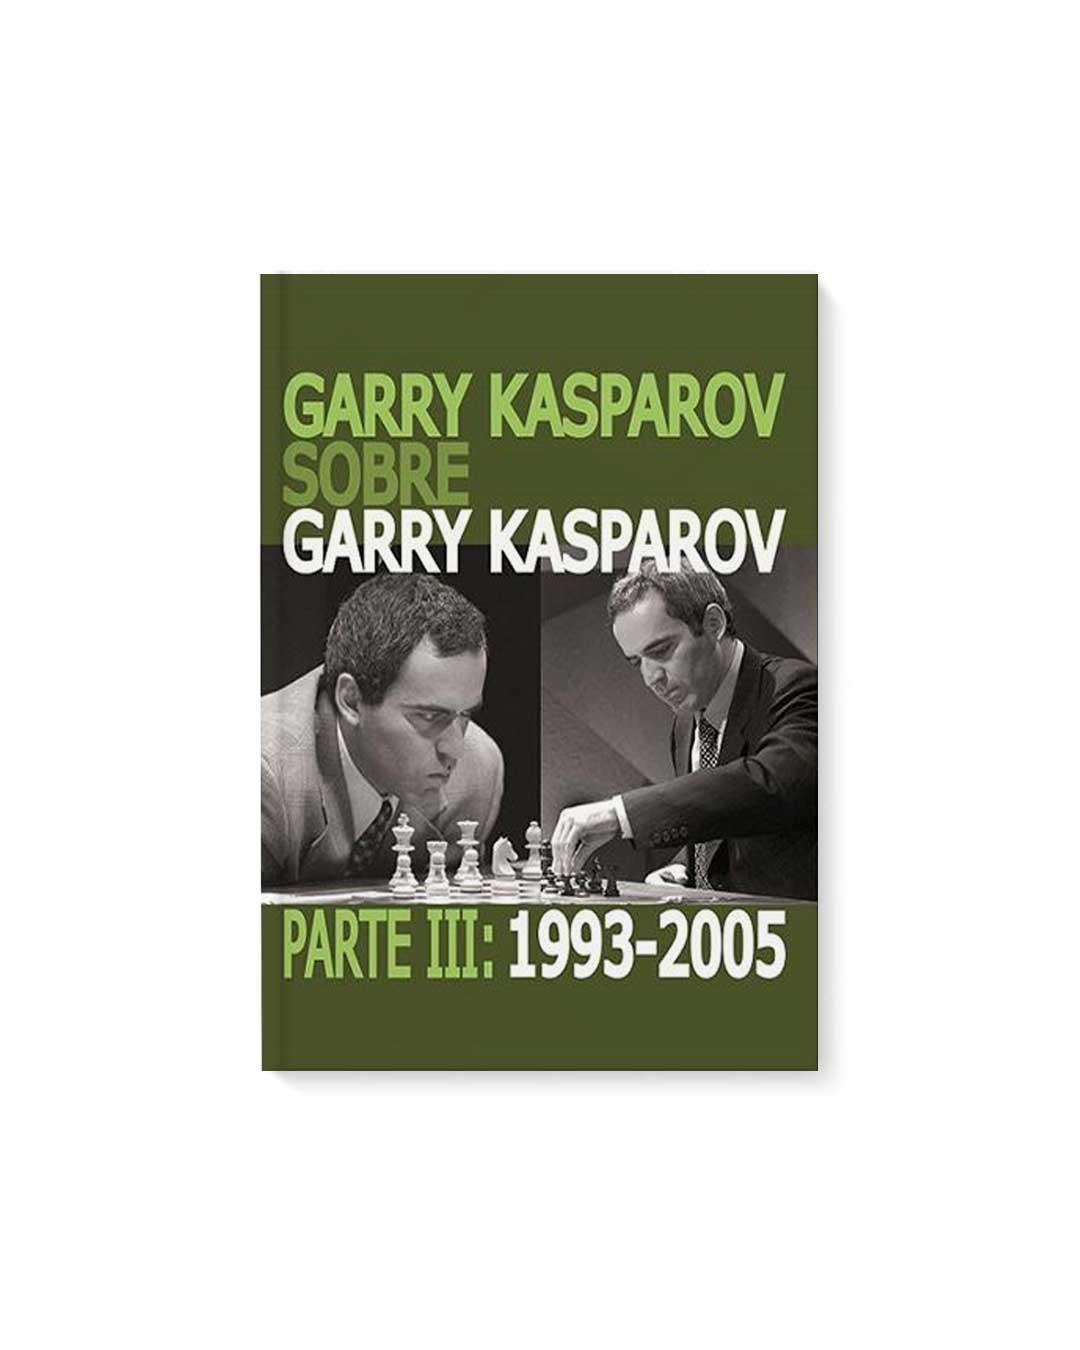 Garry Kasparov sobre Garry Kasparov. Parte 3: 1993-2005 tapa normal